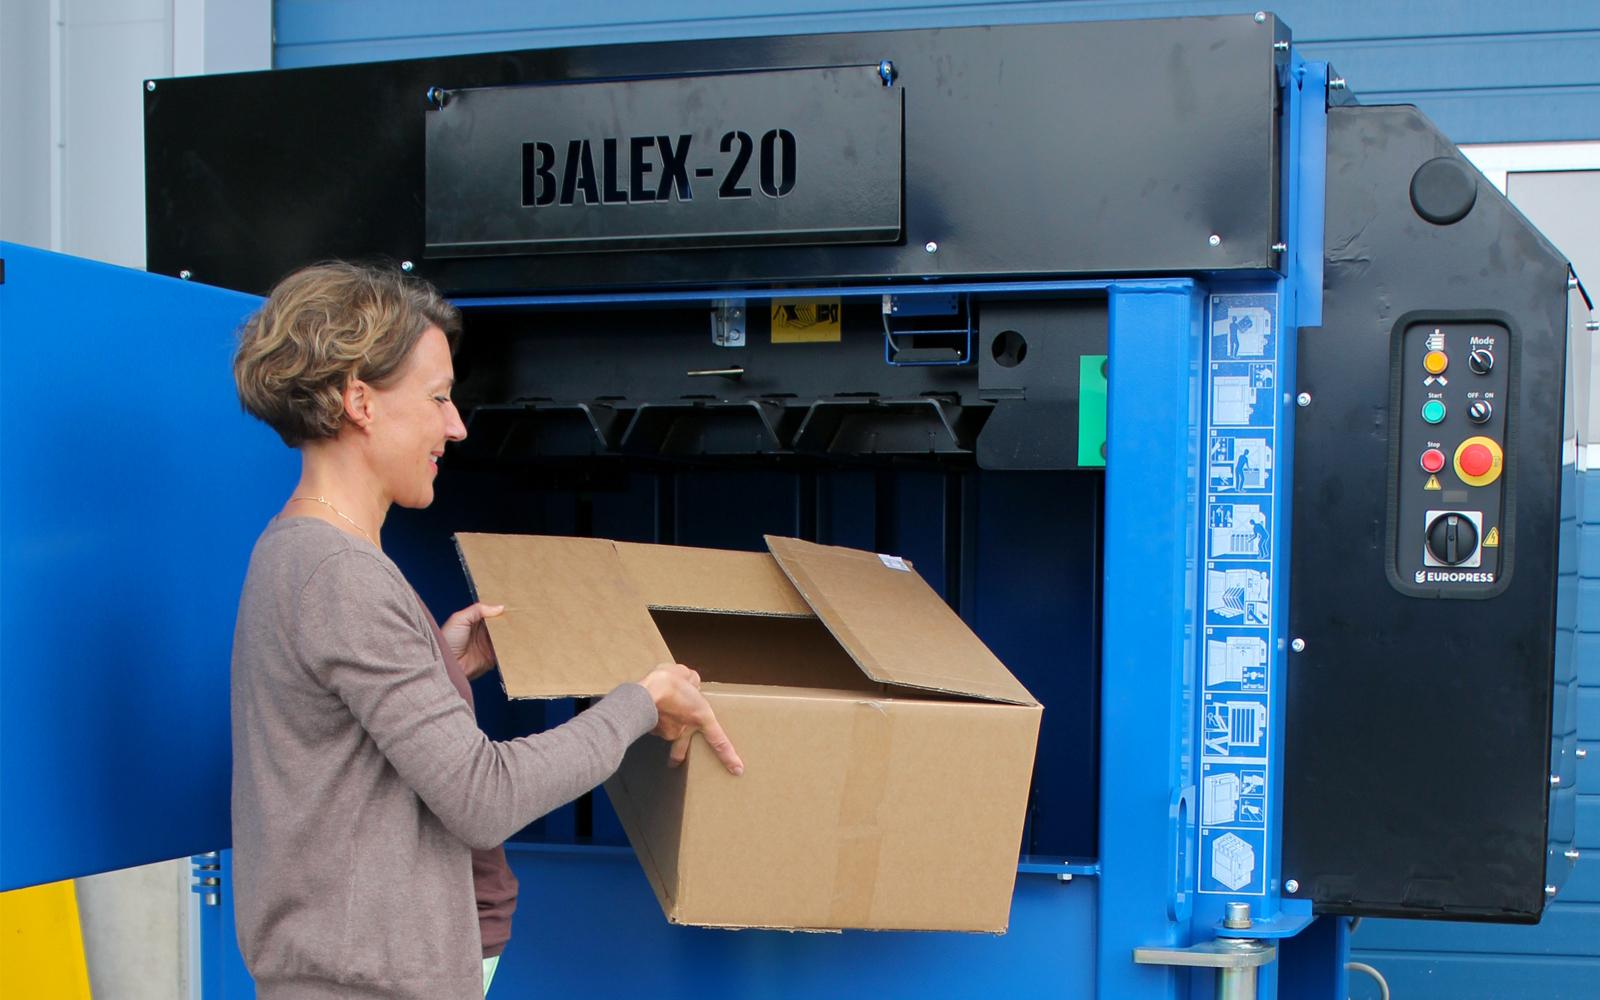 Europress balex-20-baler-loading